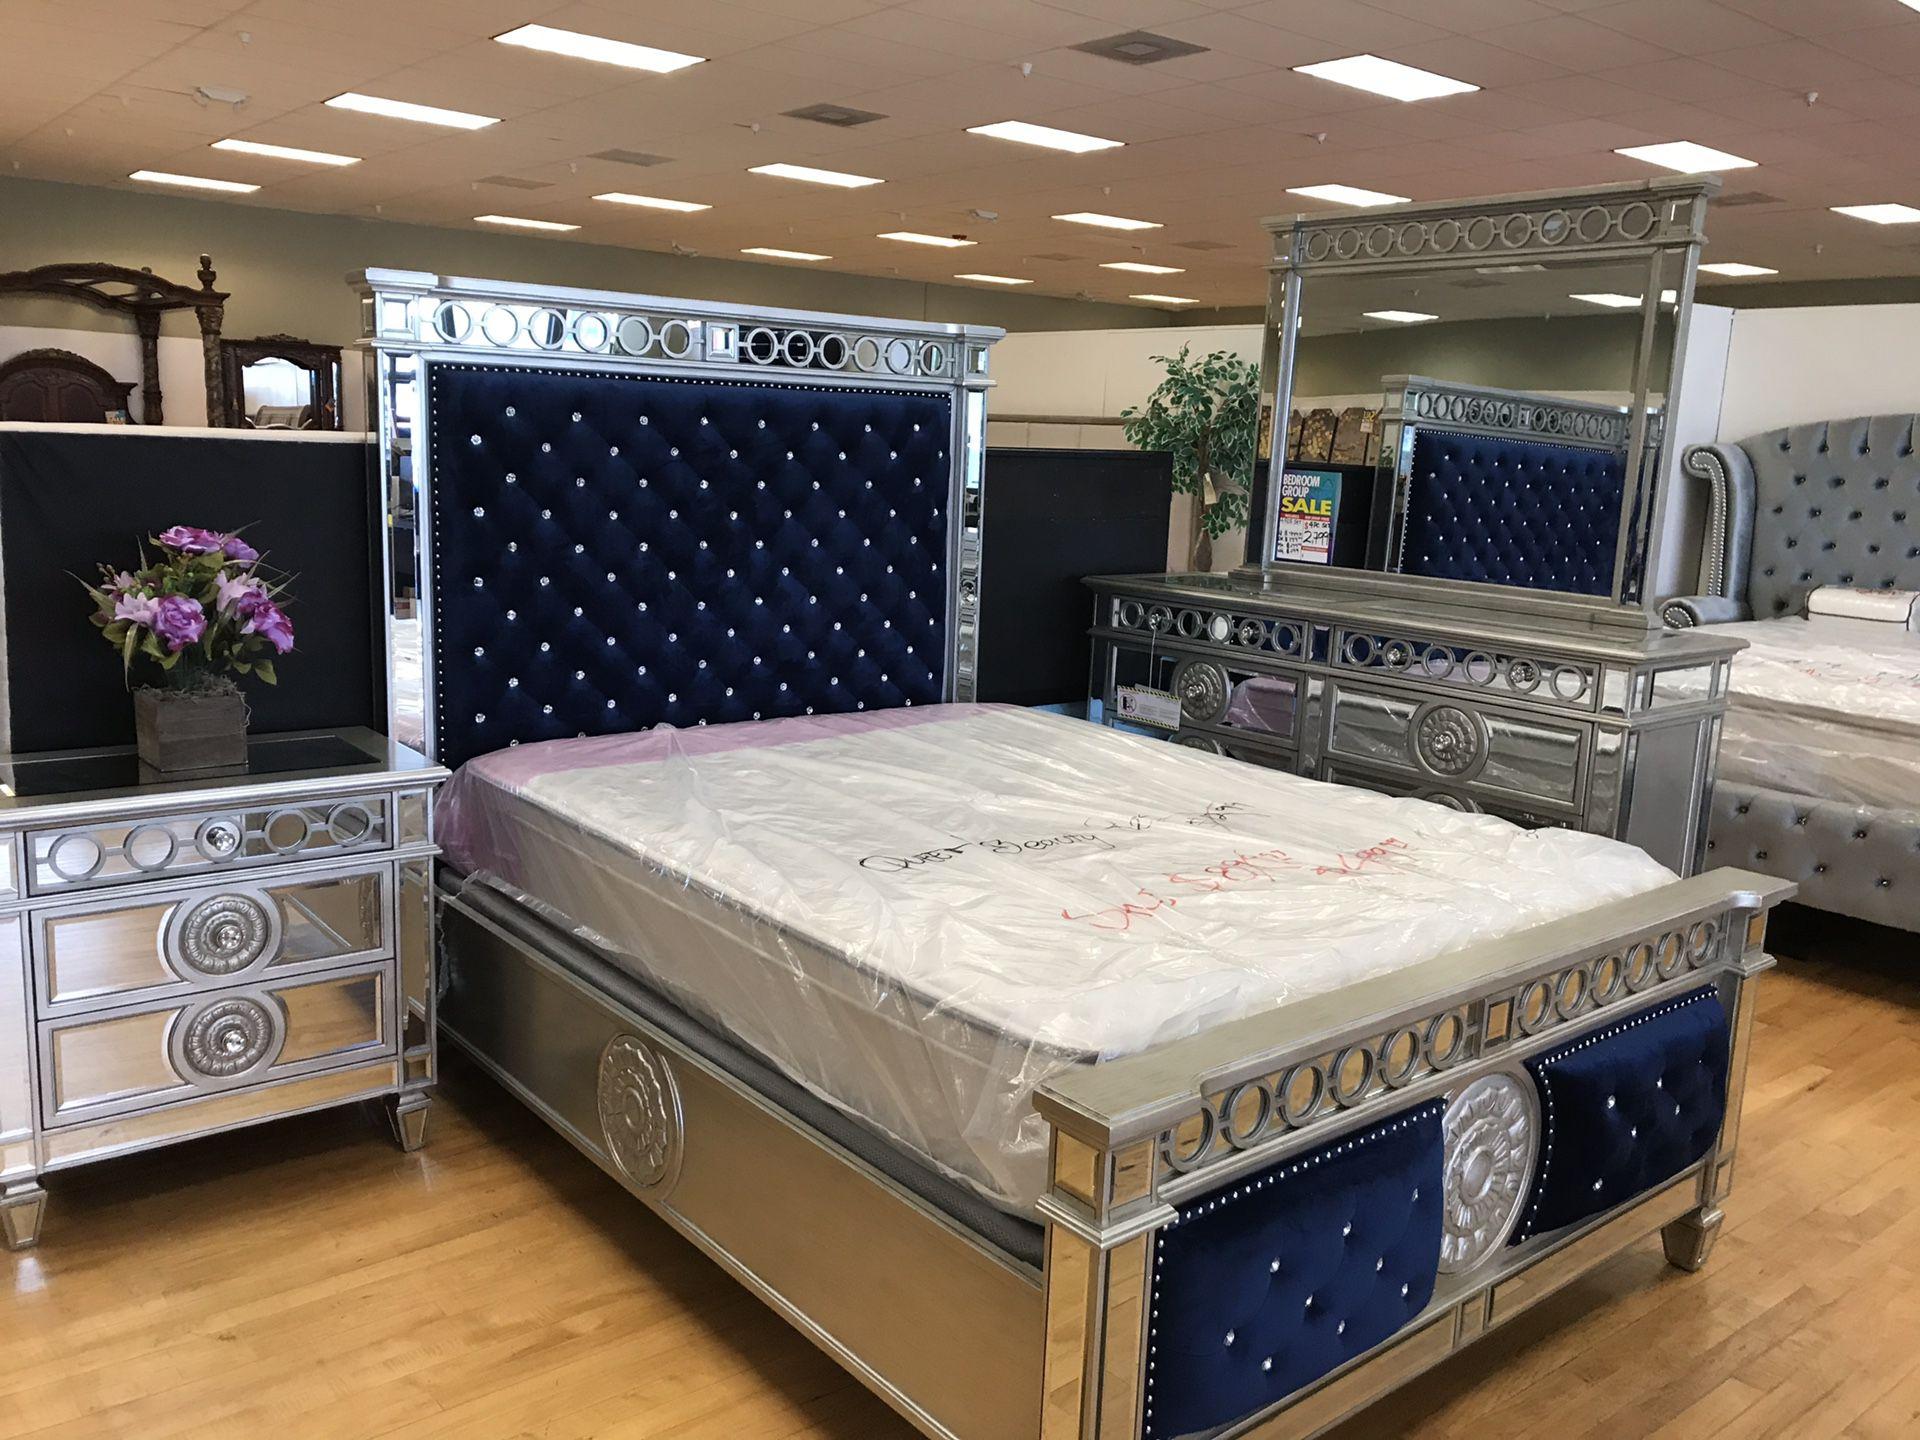 Beautiful Queen Bedroom Set 4 PCS Bed - Dresser - Mirror - Night for sale $2799